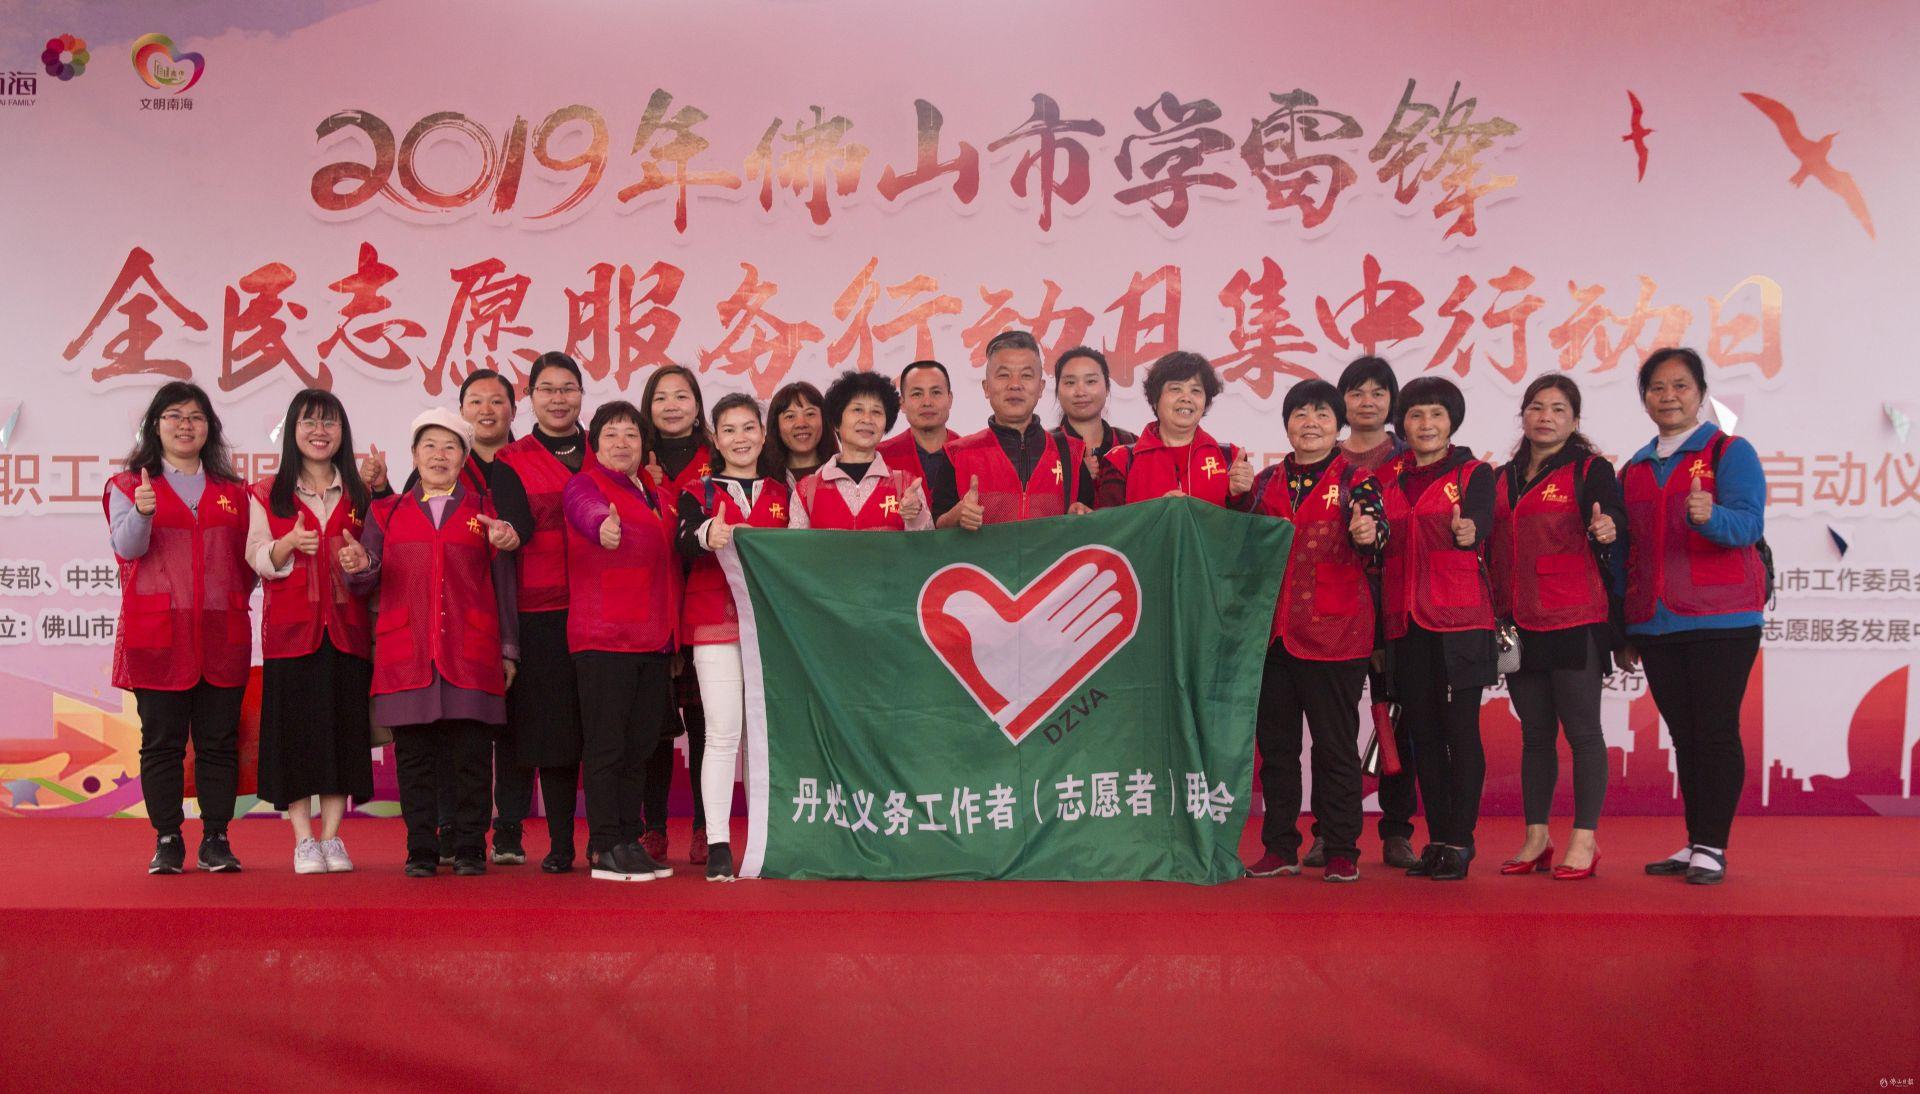 用服务传递温暖!鸿运国际欢迎你市职工志愿服务队成立